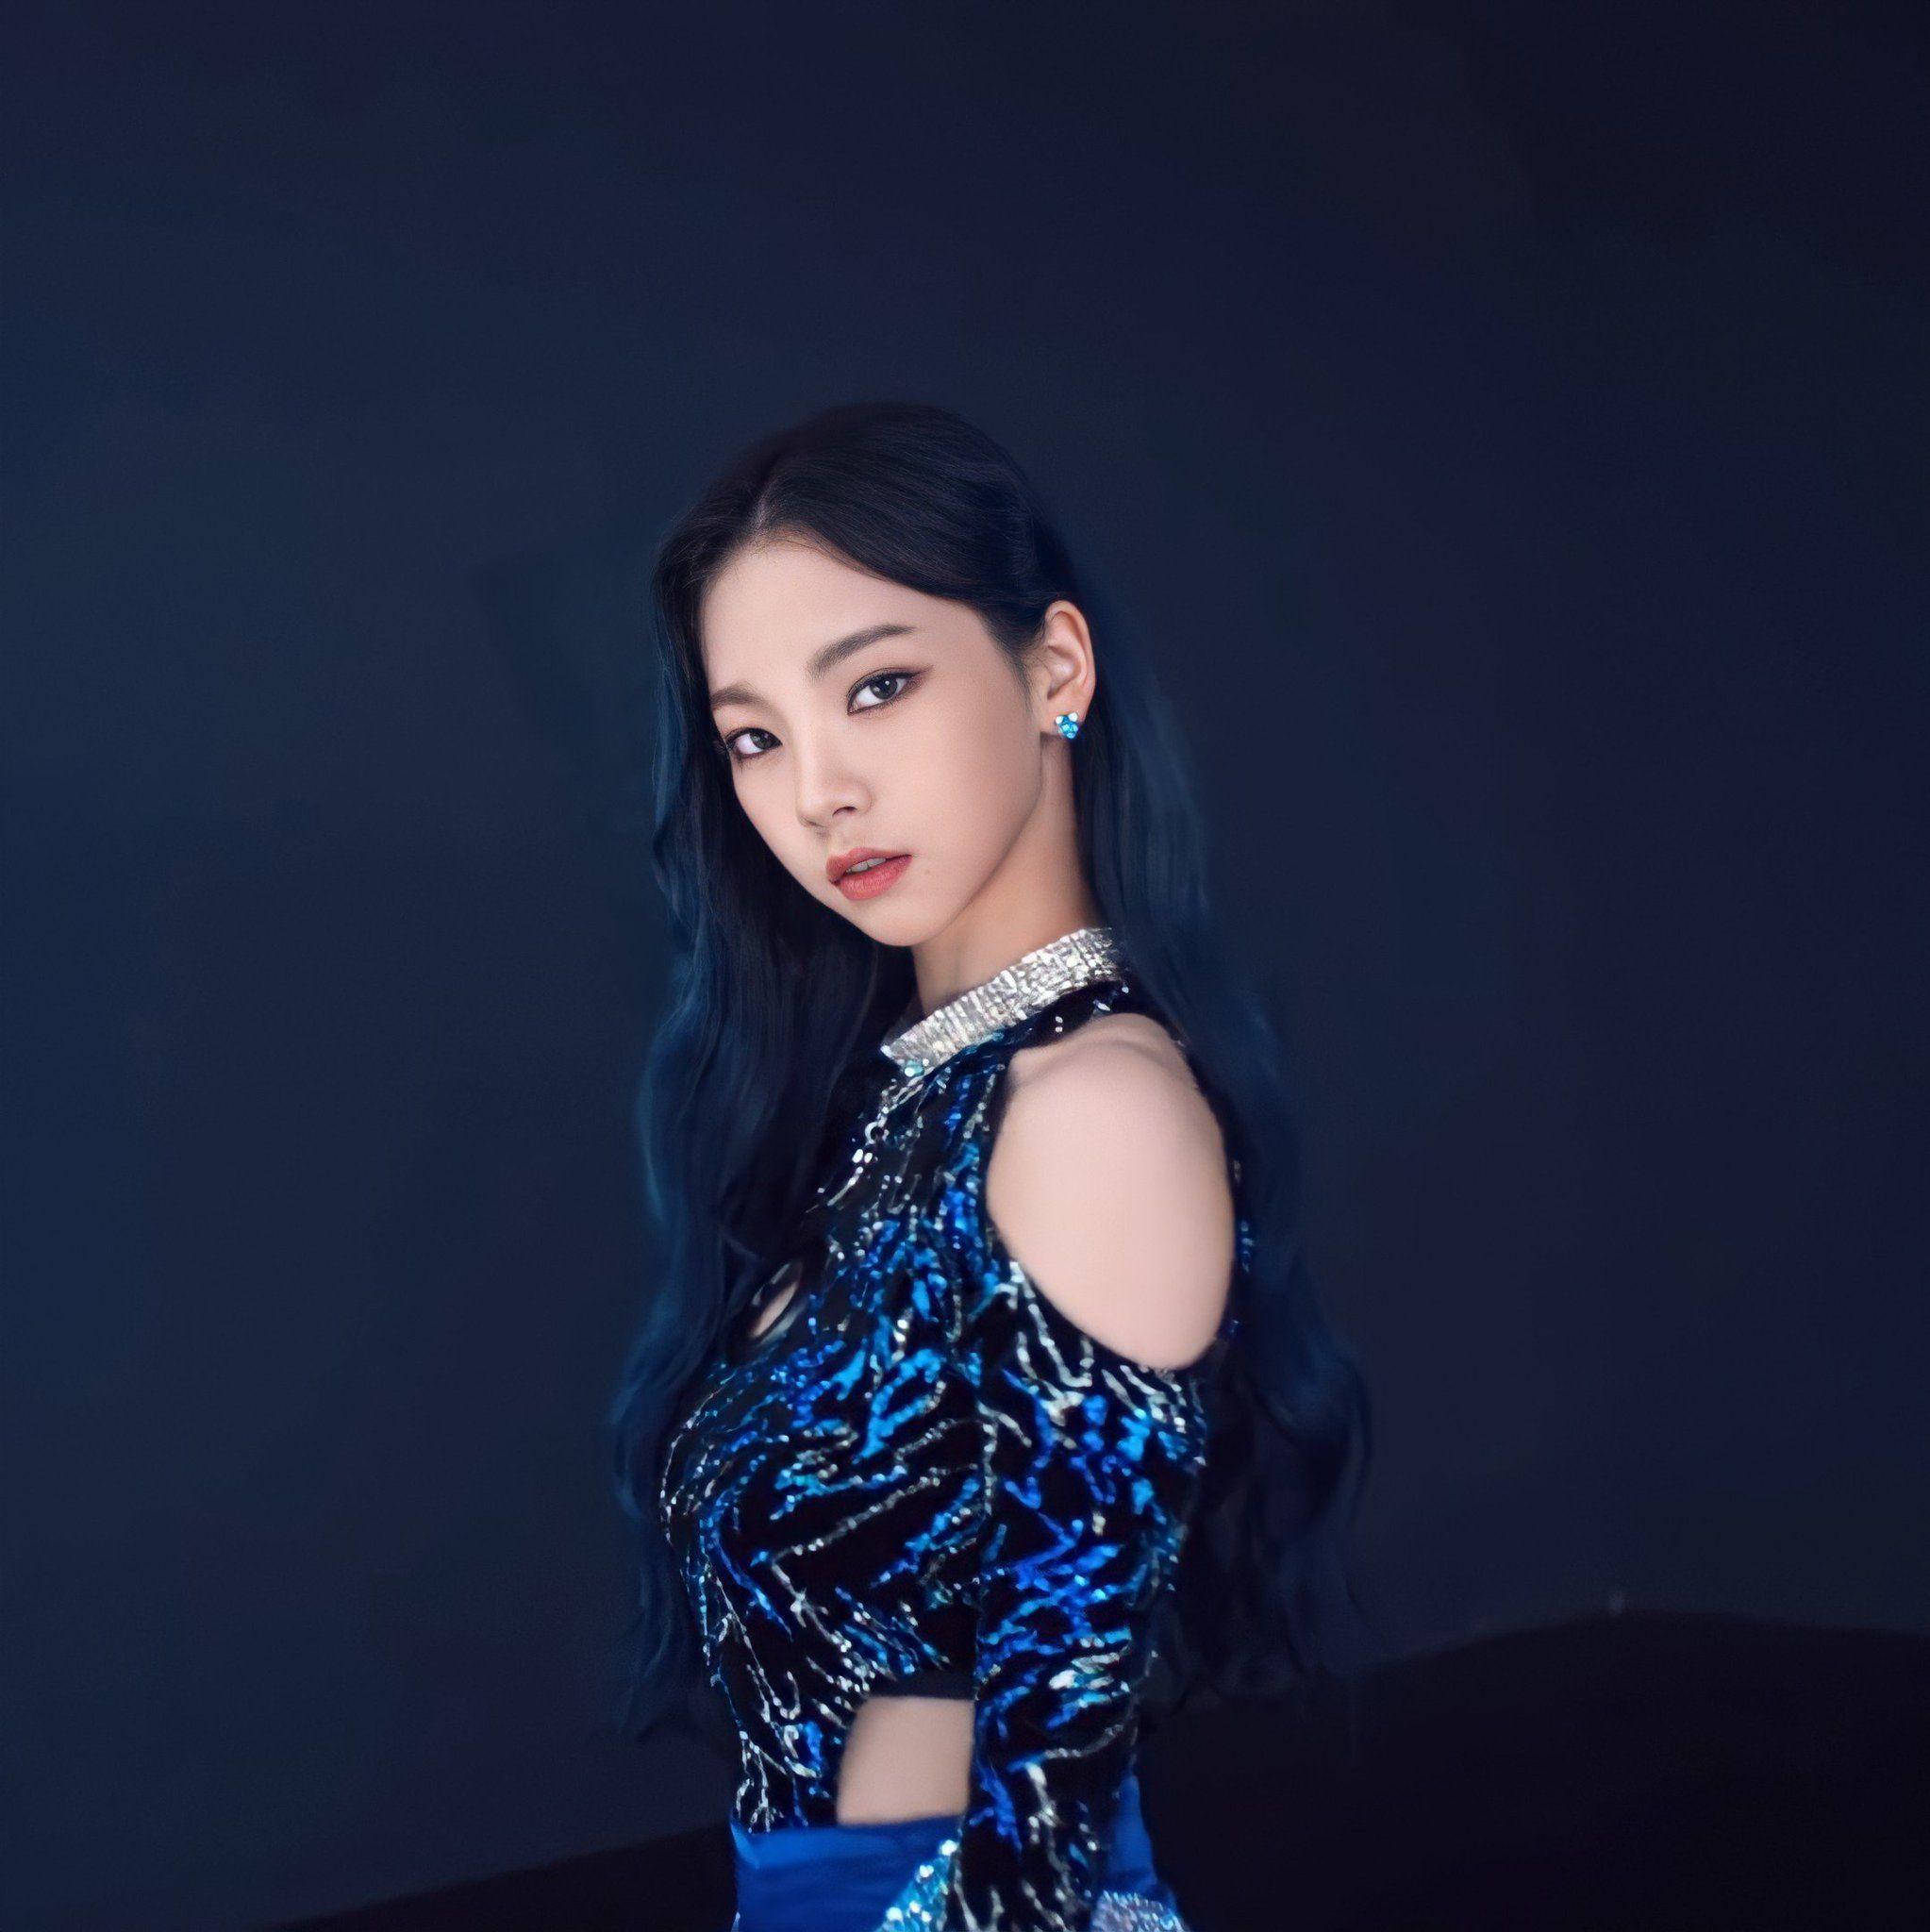 Aespa Pics On Twitter Karina Korean Girl Groups South Korean Girls